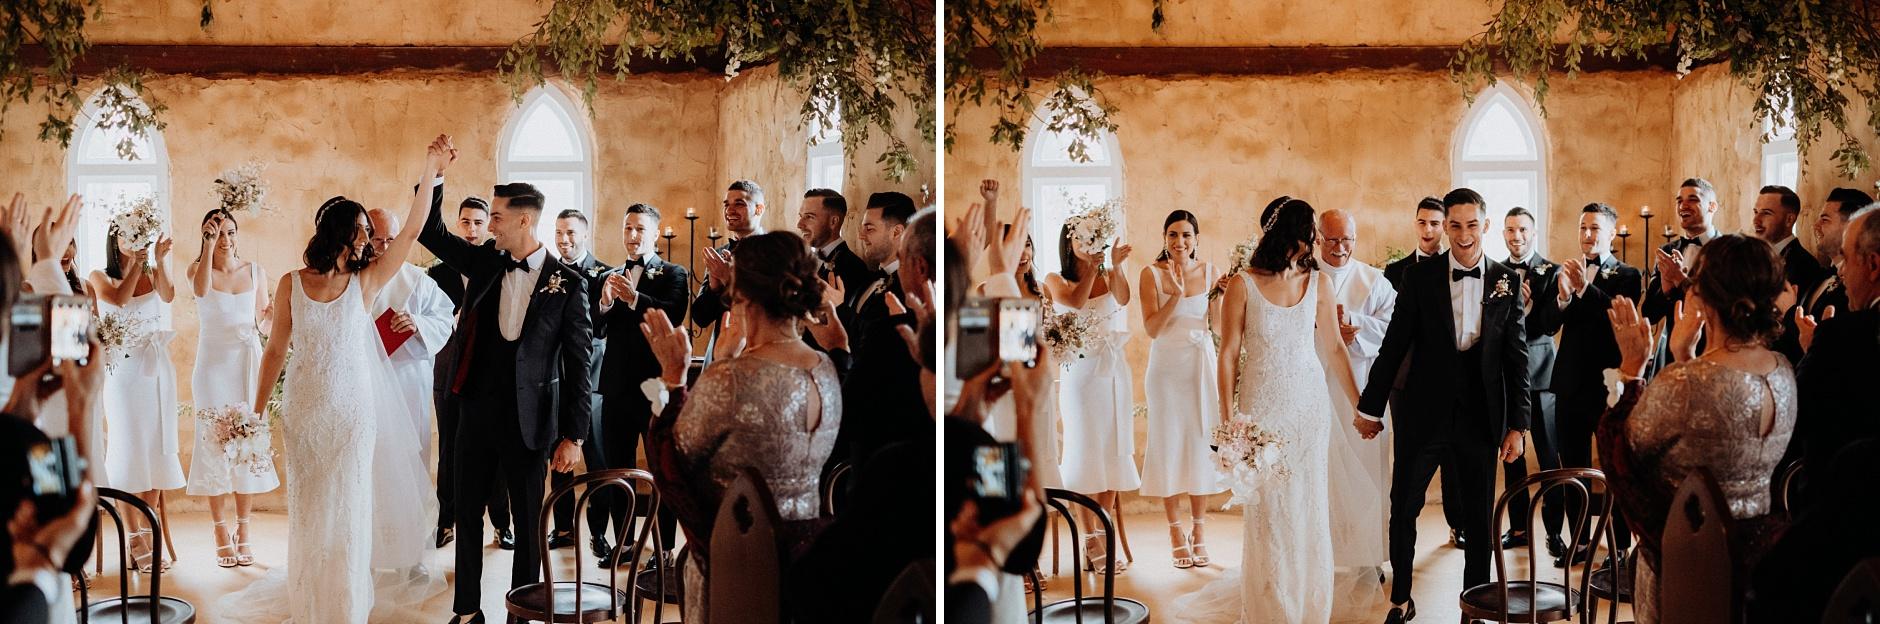 cassandra&cameron0484a_Peppers-Creek-Wedding.jpg